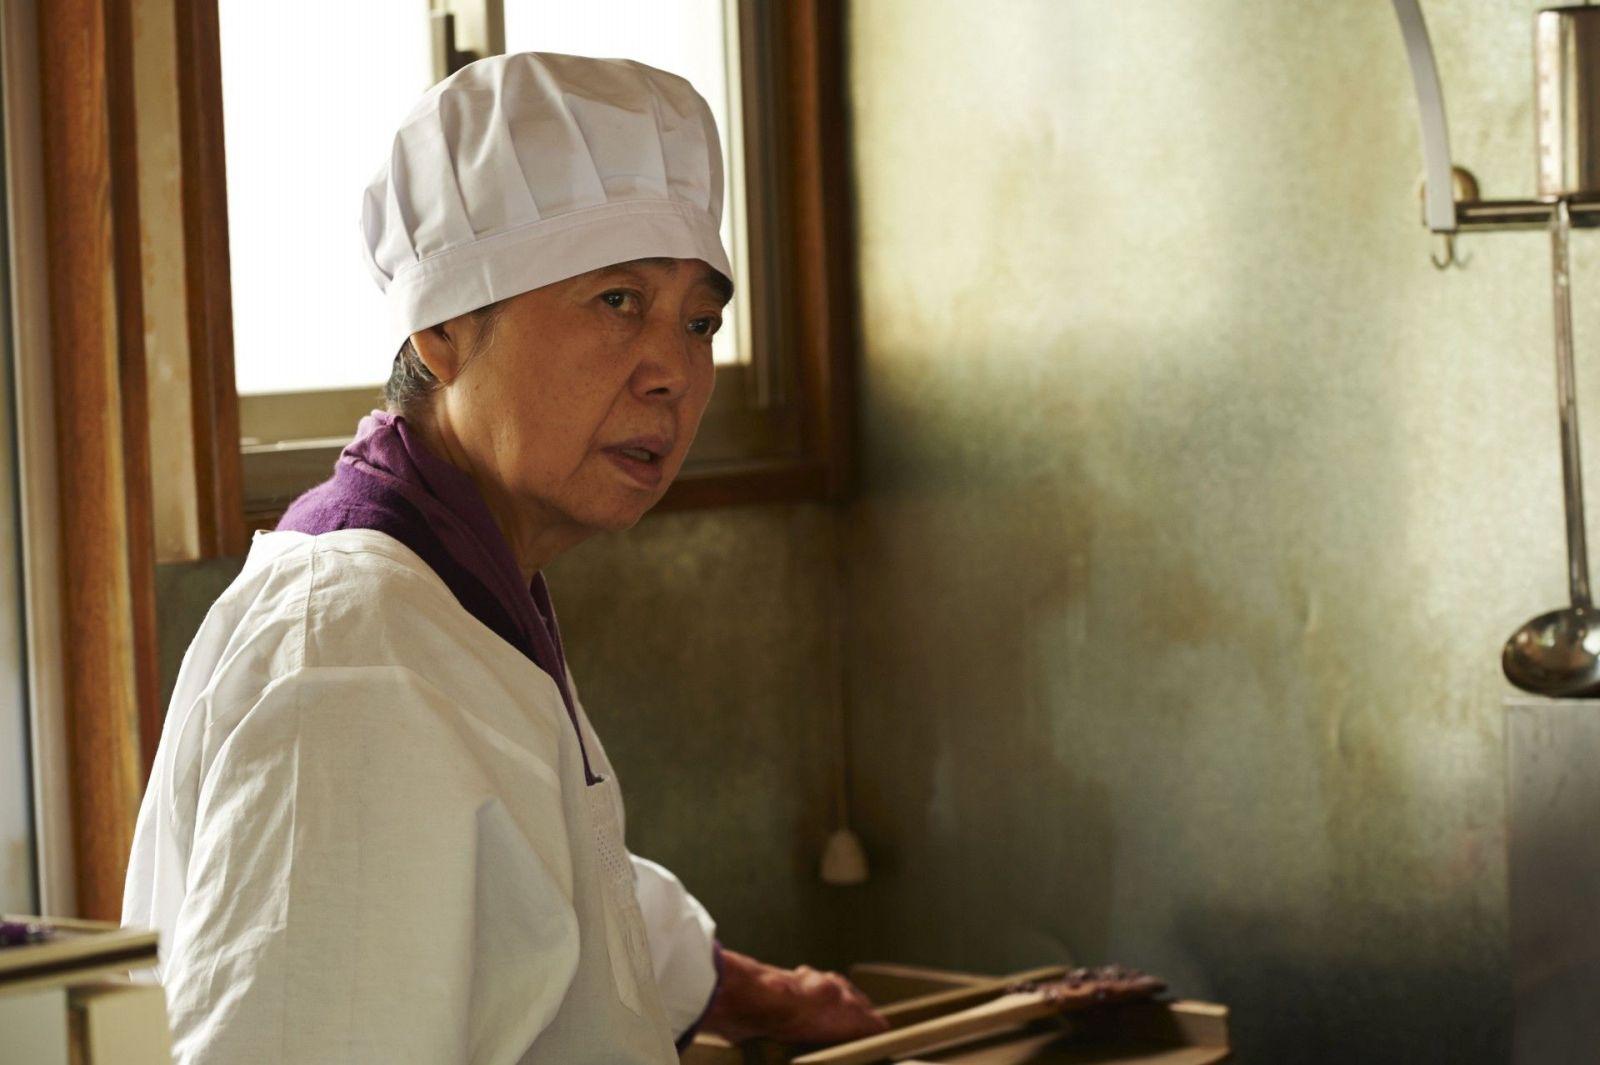 Le ricette della signora Toku: un'immagine tratta dal film